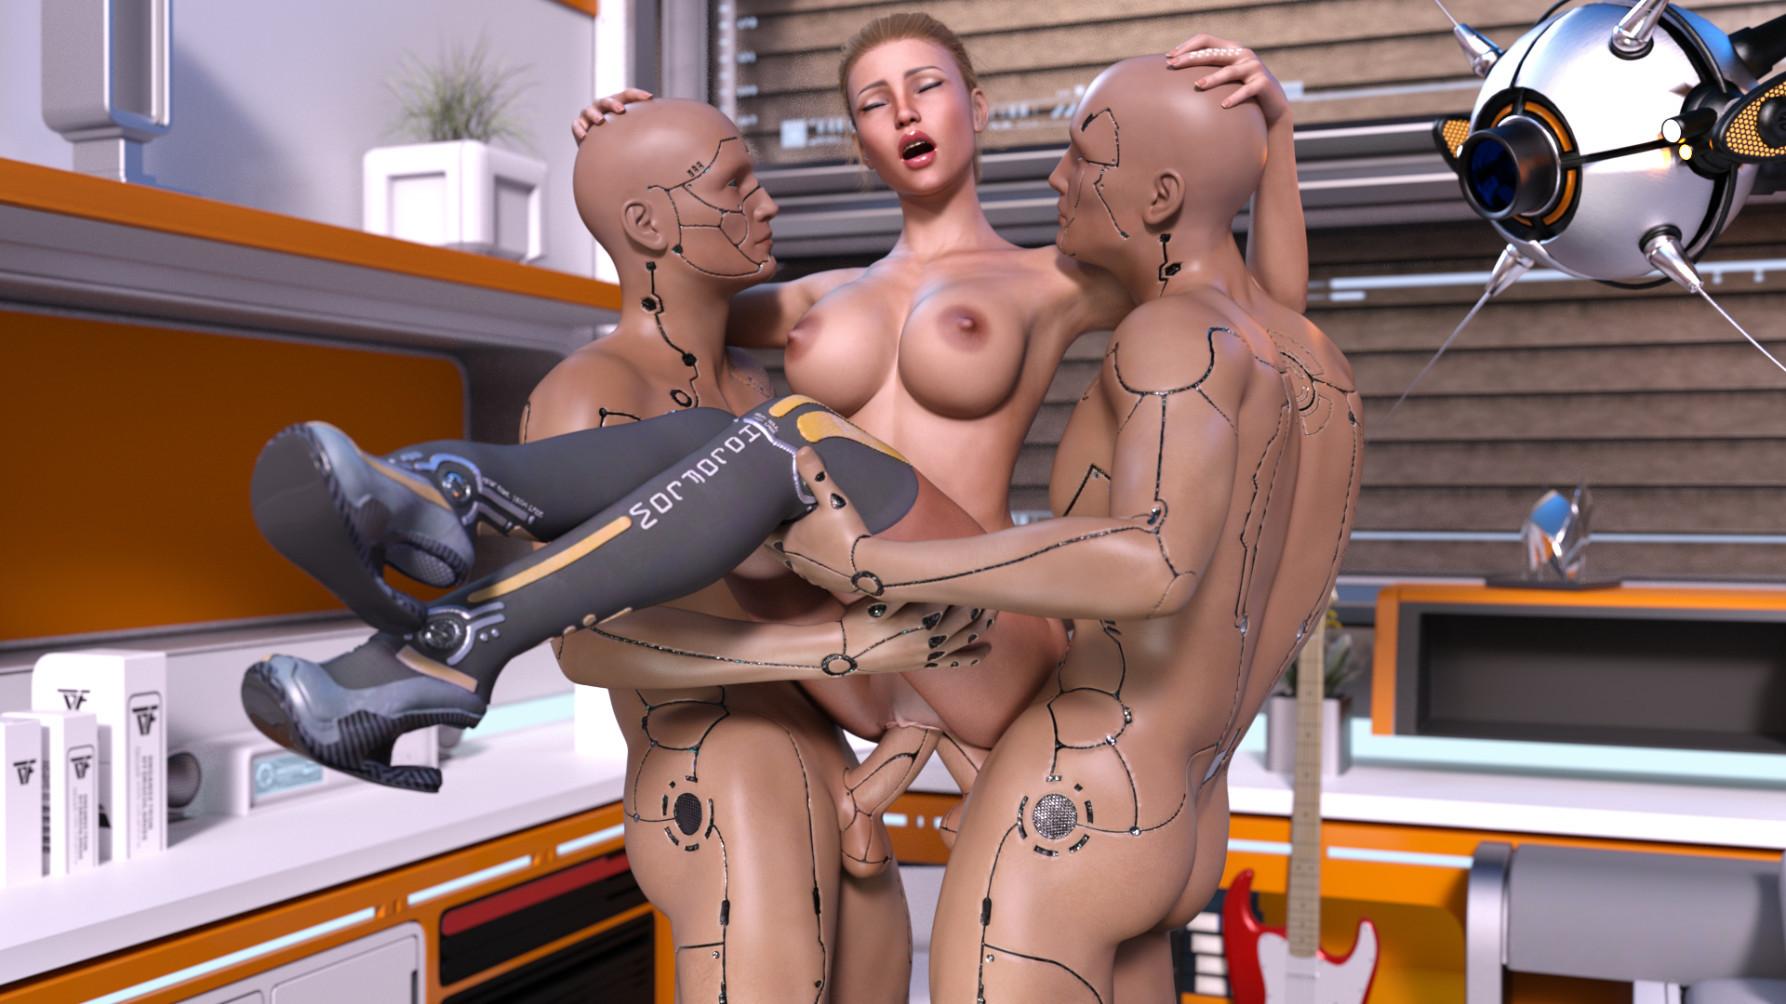 порно-видео с роботом